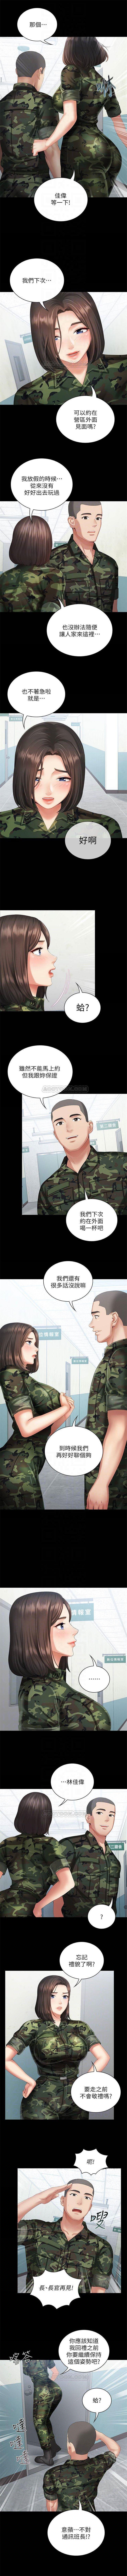 (周6)妹妹的义务 1-13 中文翻译(更新中) 88